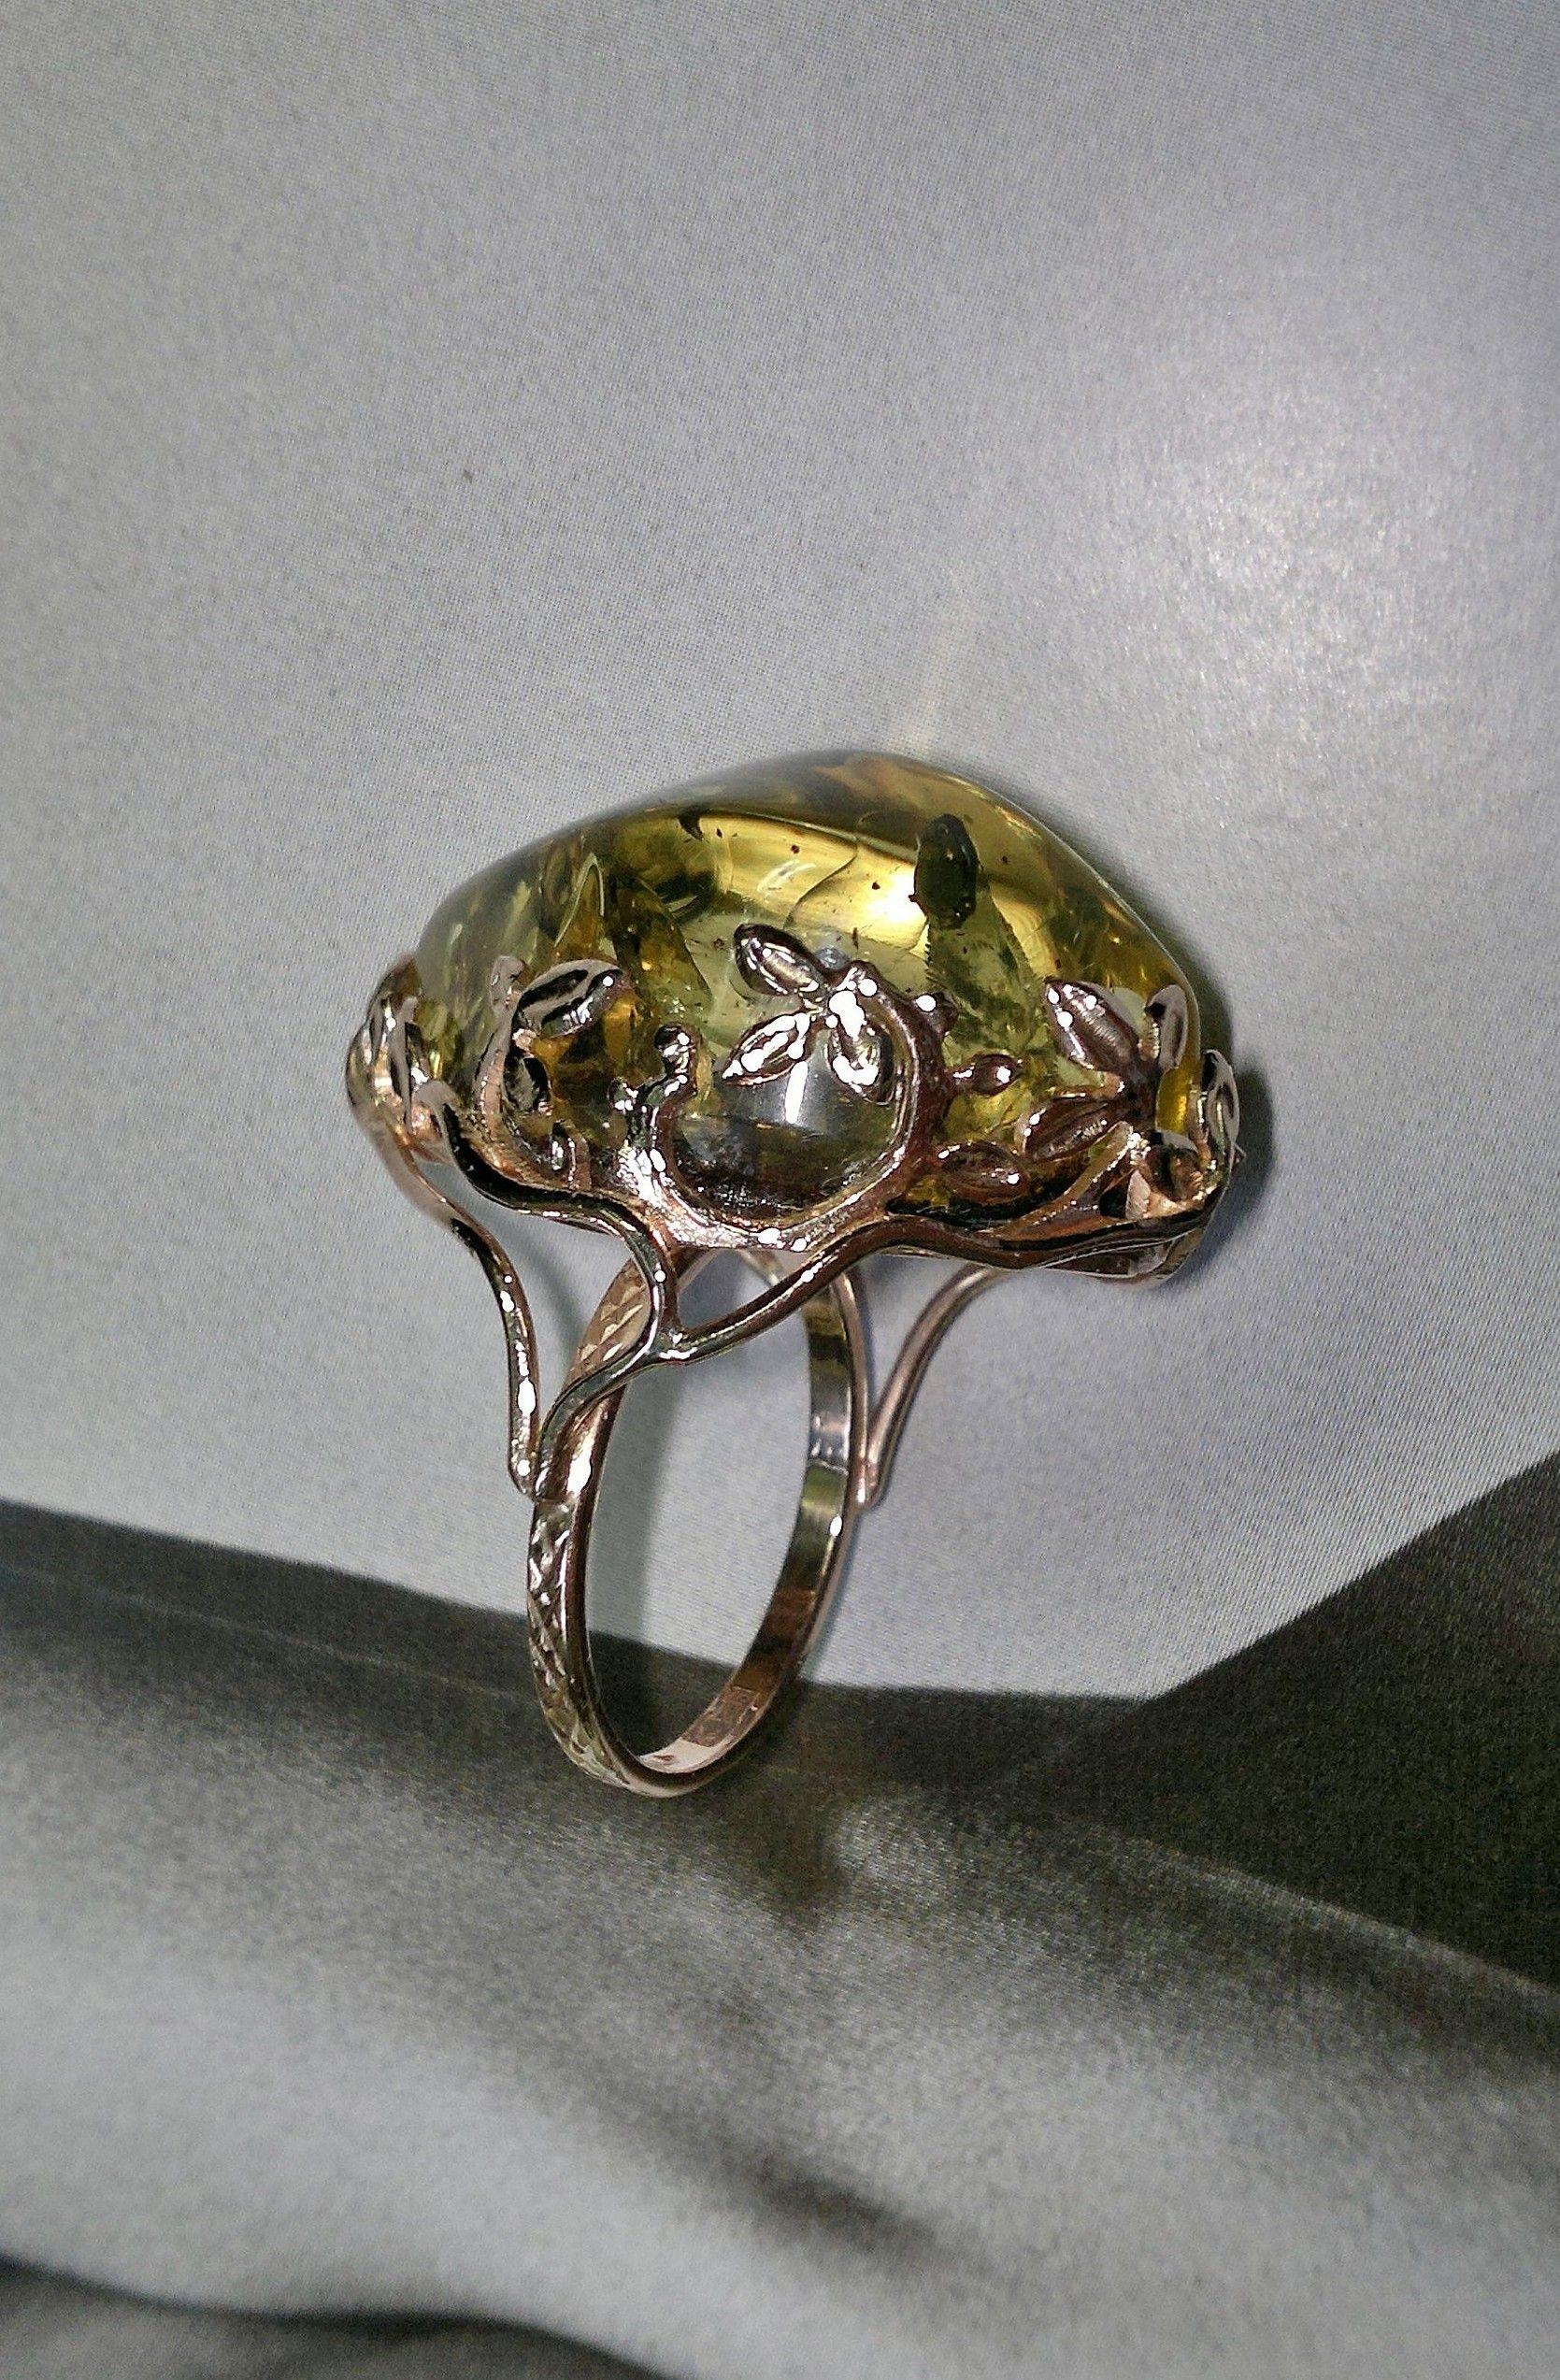 Серебряное кольцо с янтарем БАЛТИЙСКОЕ ЗОЛОТО 51130044: розовое серебро,  янтарь — купить в интернет-магазине ...   2546x1669